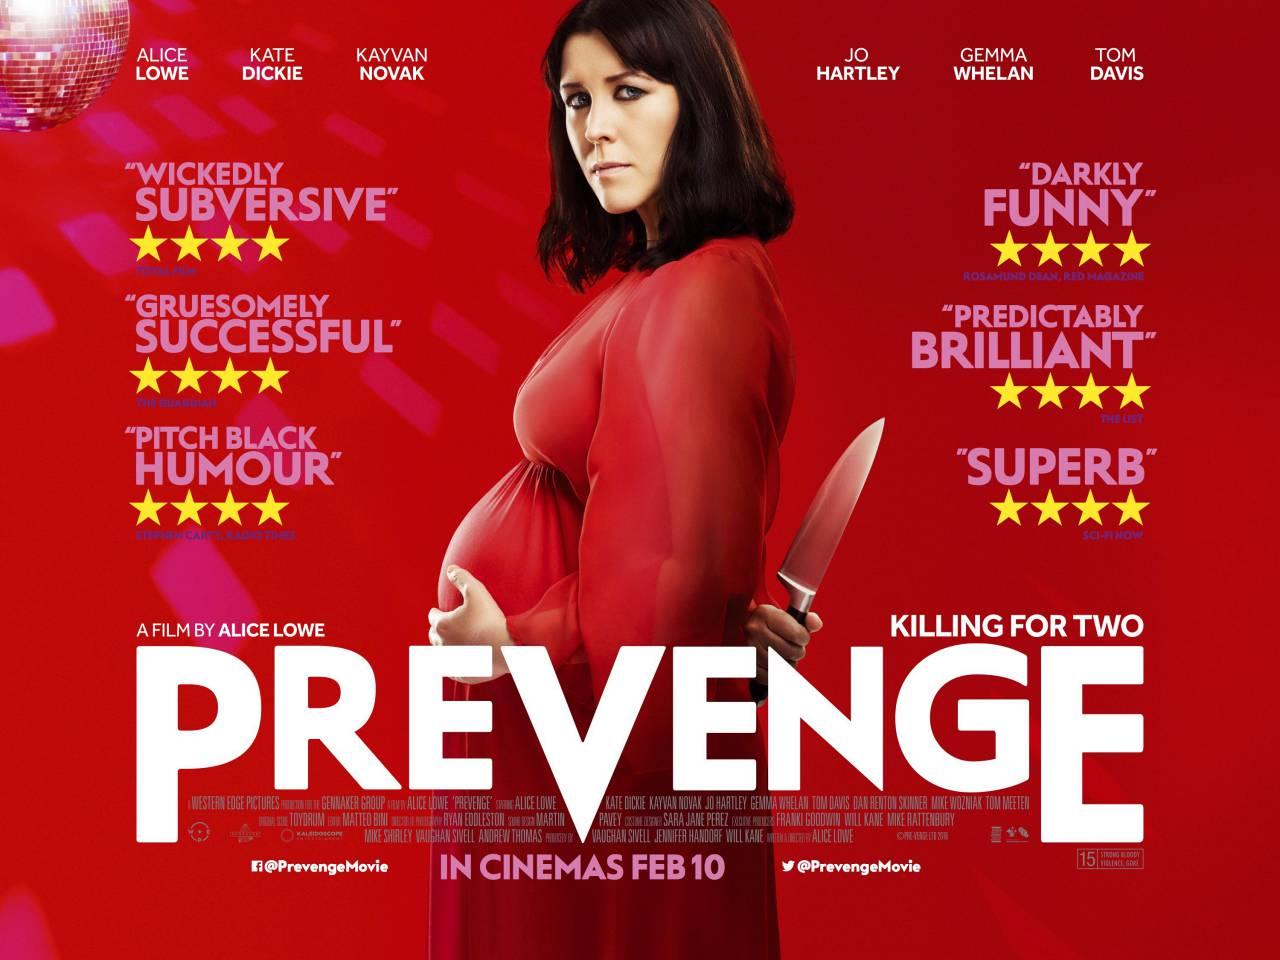 prevenge-quad-poster.jpg